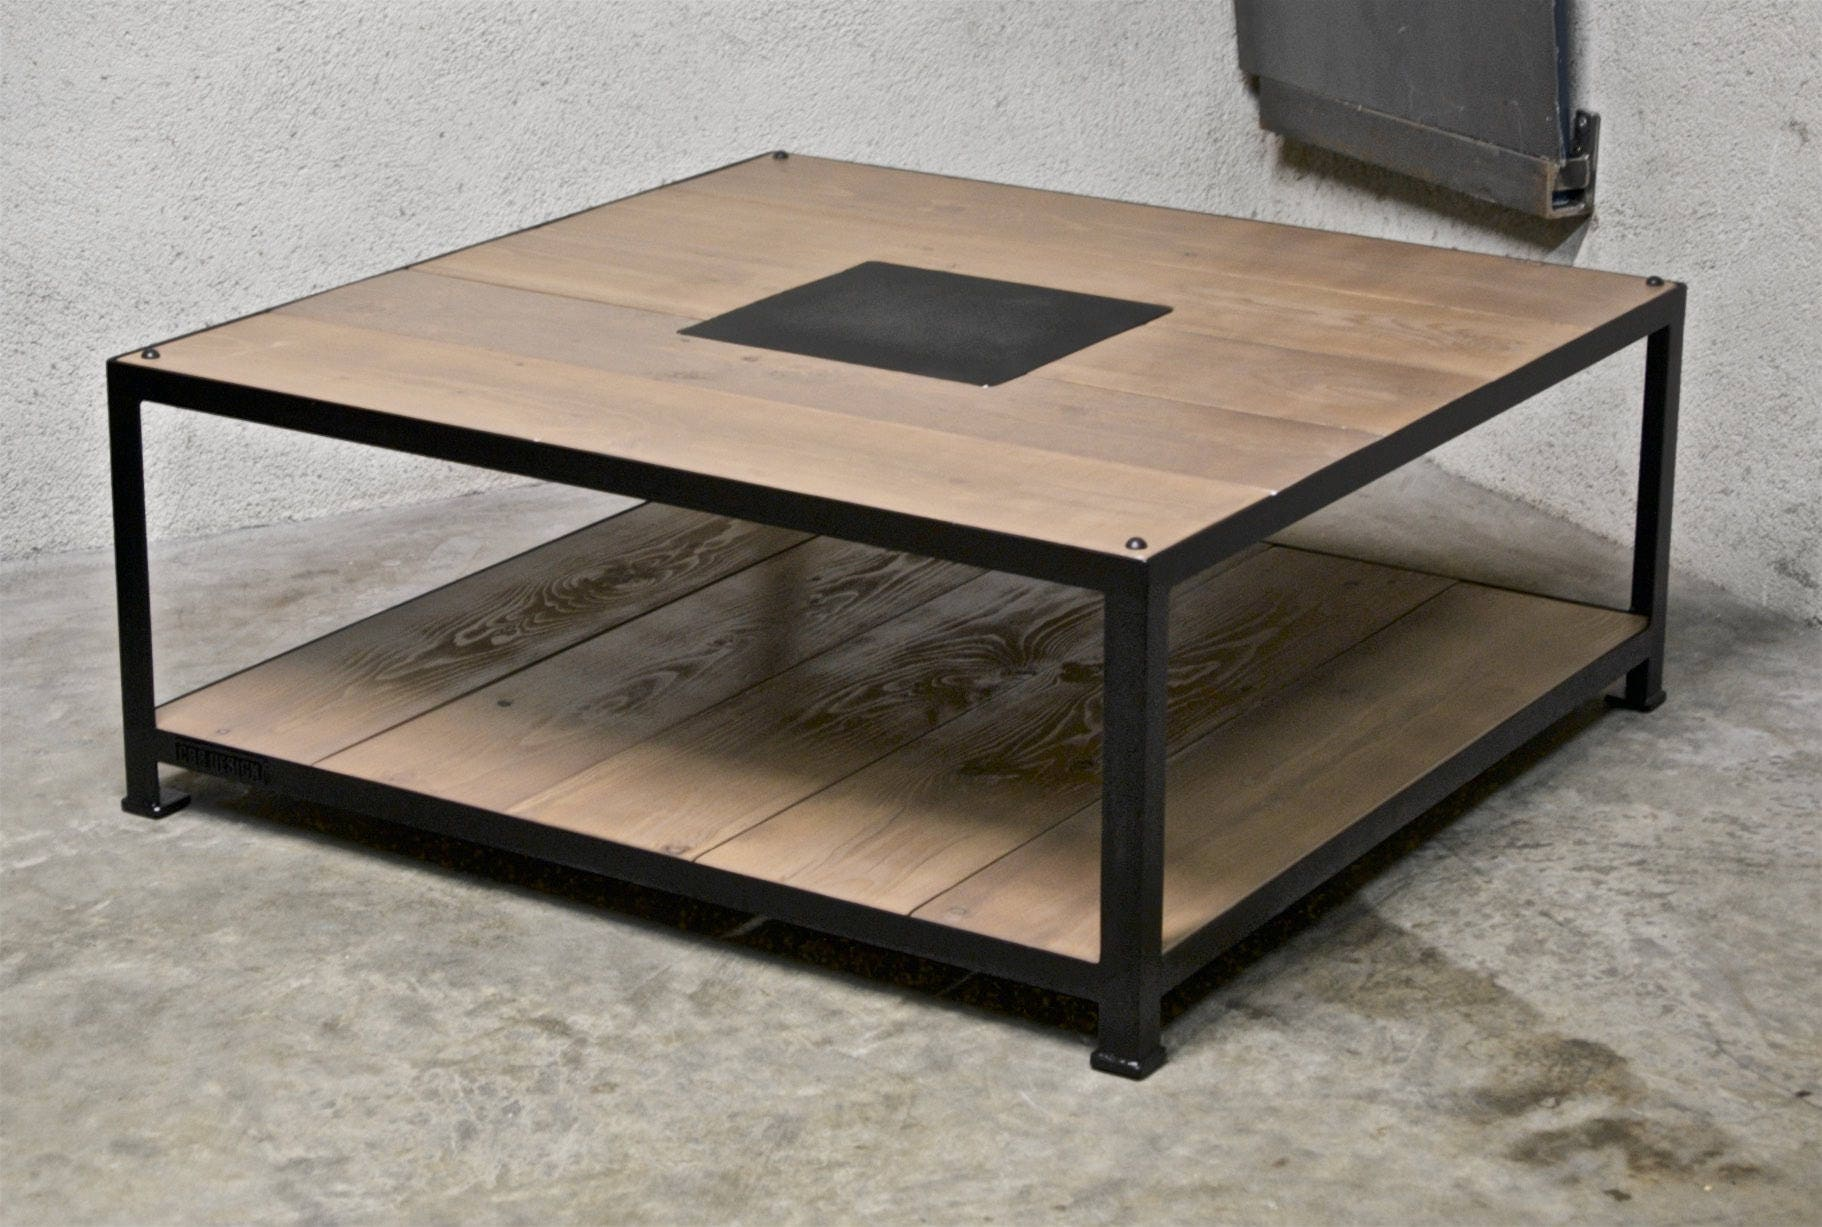 table basse acier bois 1m x 1m. Black Bedroom Furniture Sets. Home Design Ideas